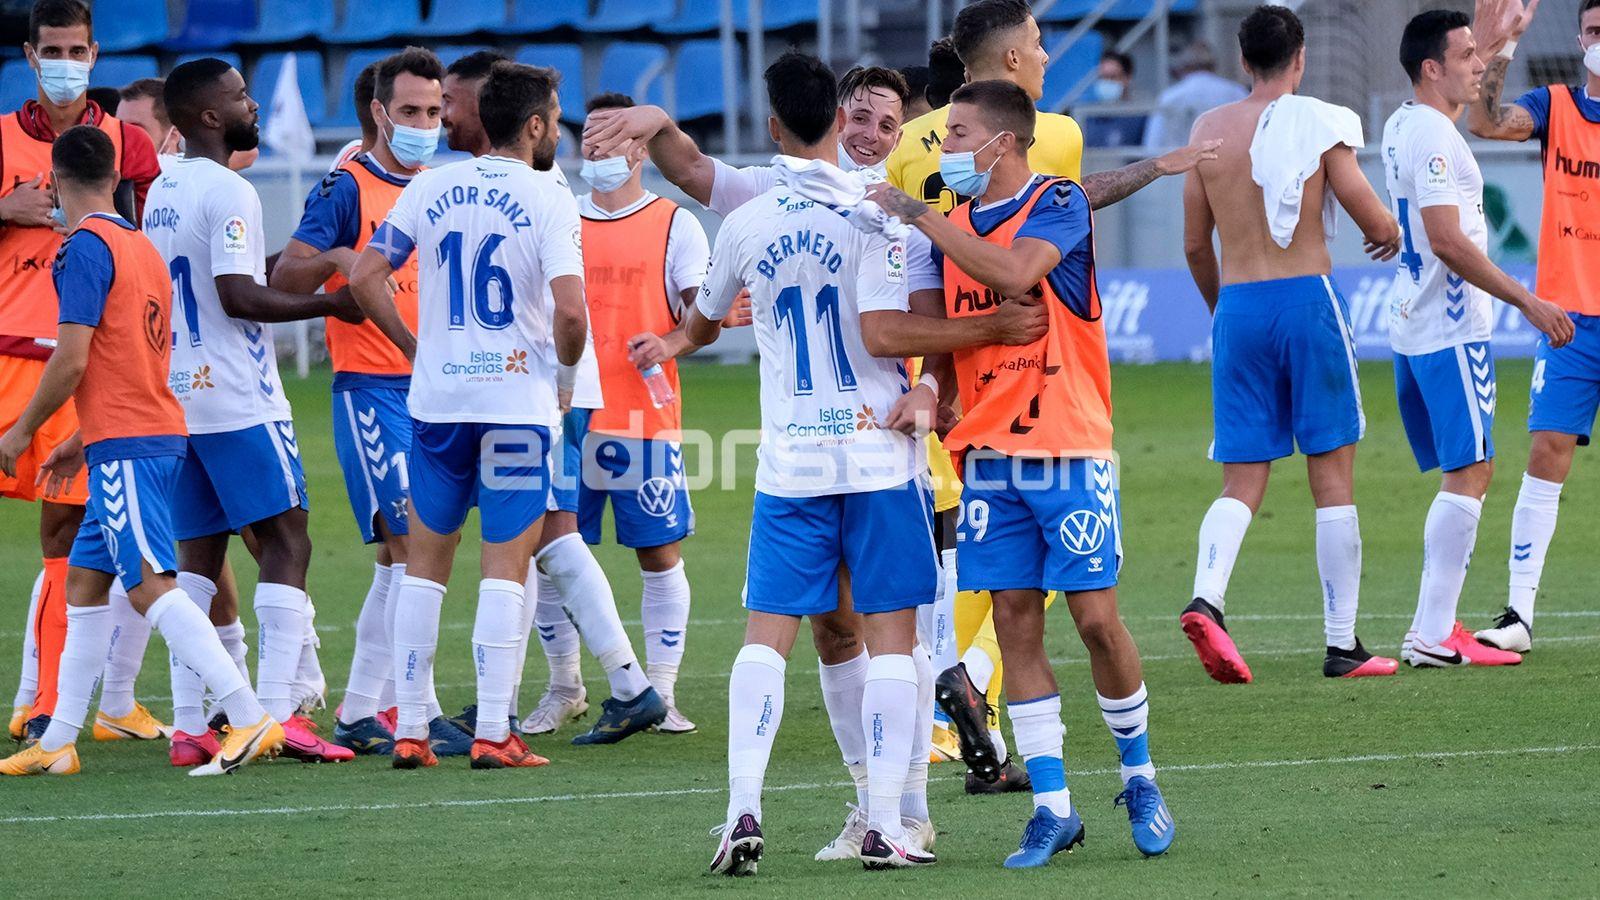 Fran Sol y Jorge Padilla abrazan a Bermejo tras pitido final | @jacfotografo